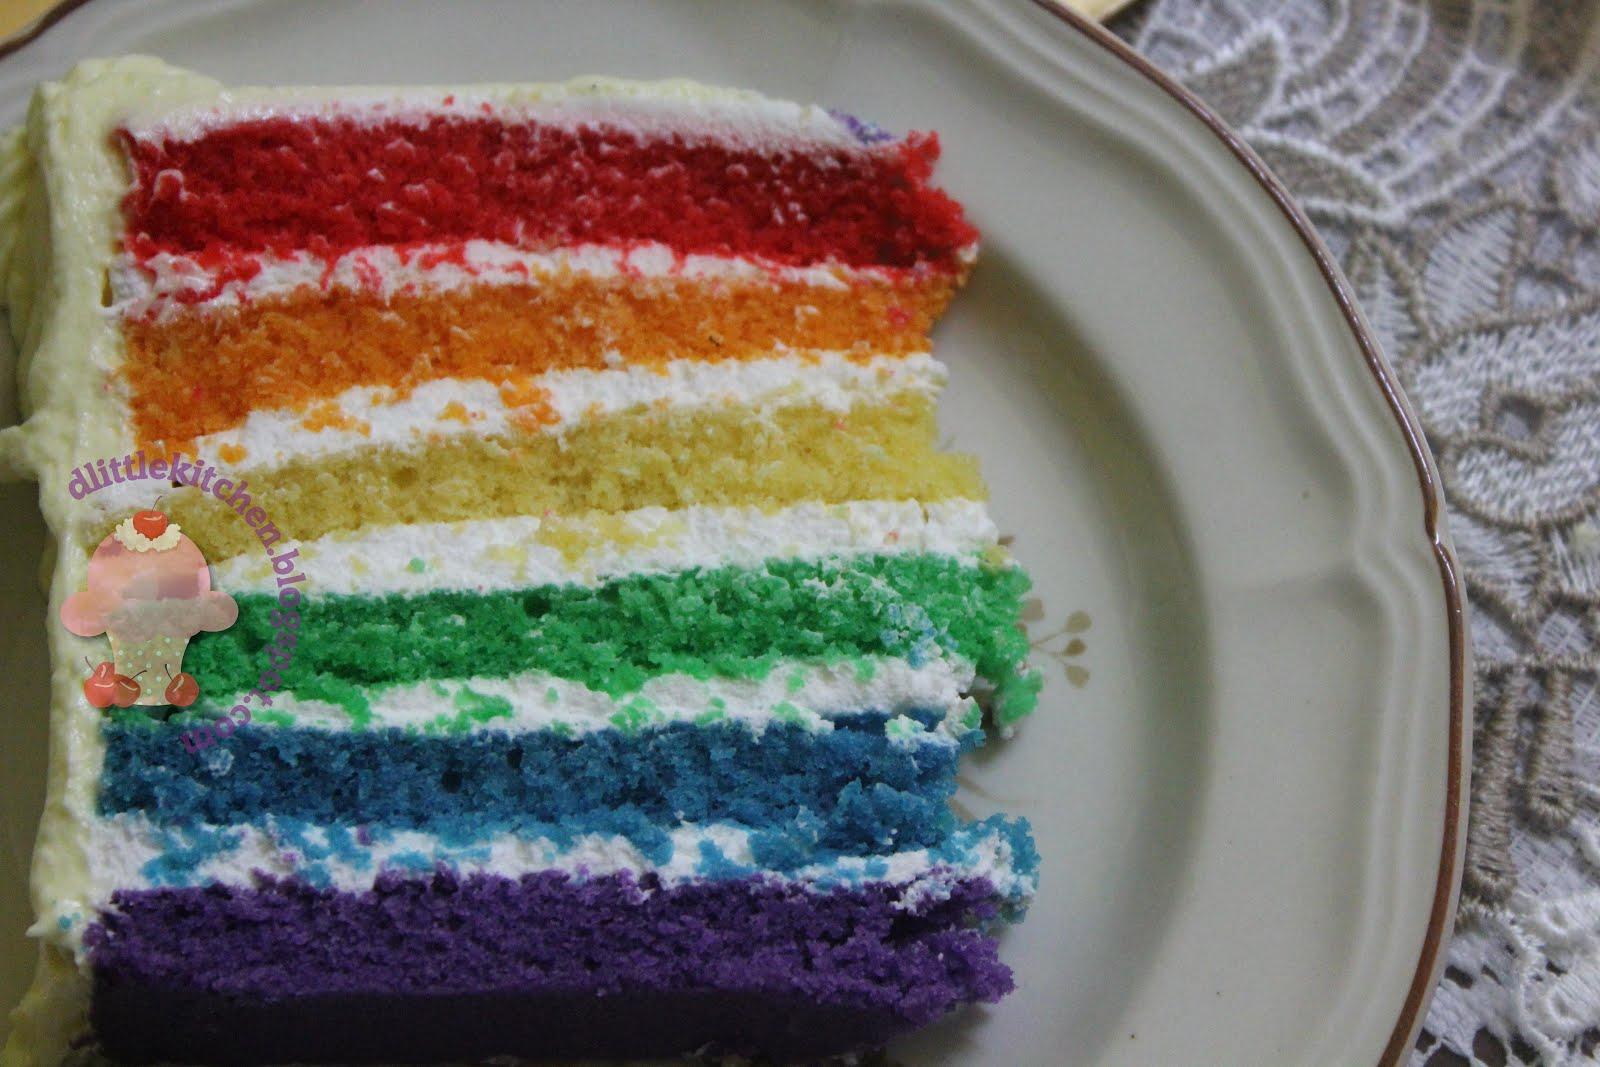 Rainbow Cake Recipe Italian: D'little Kitchen: Italian Rainbow Cake